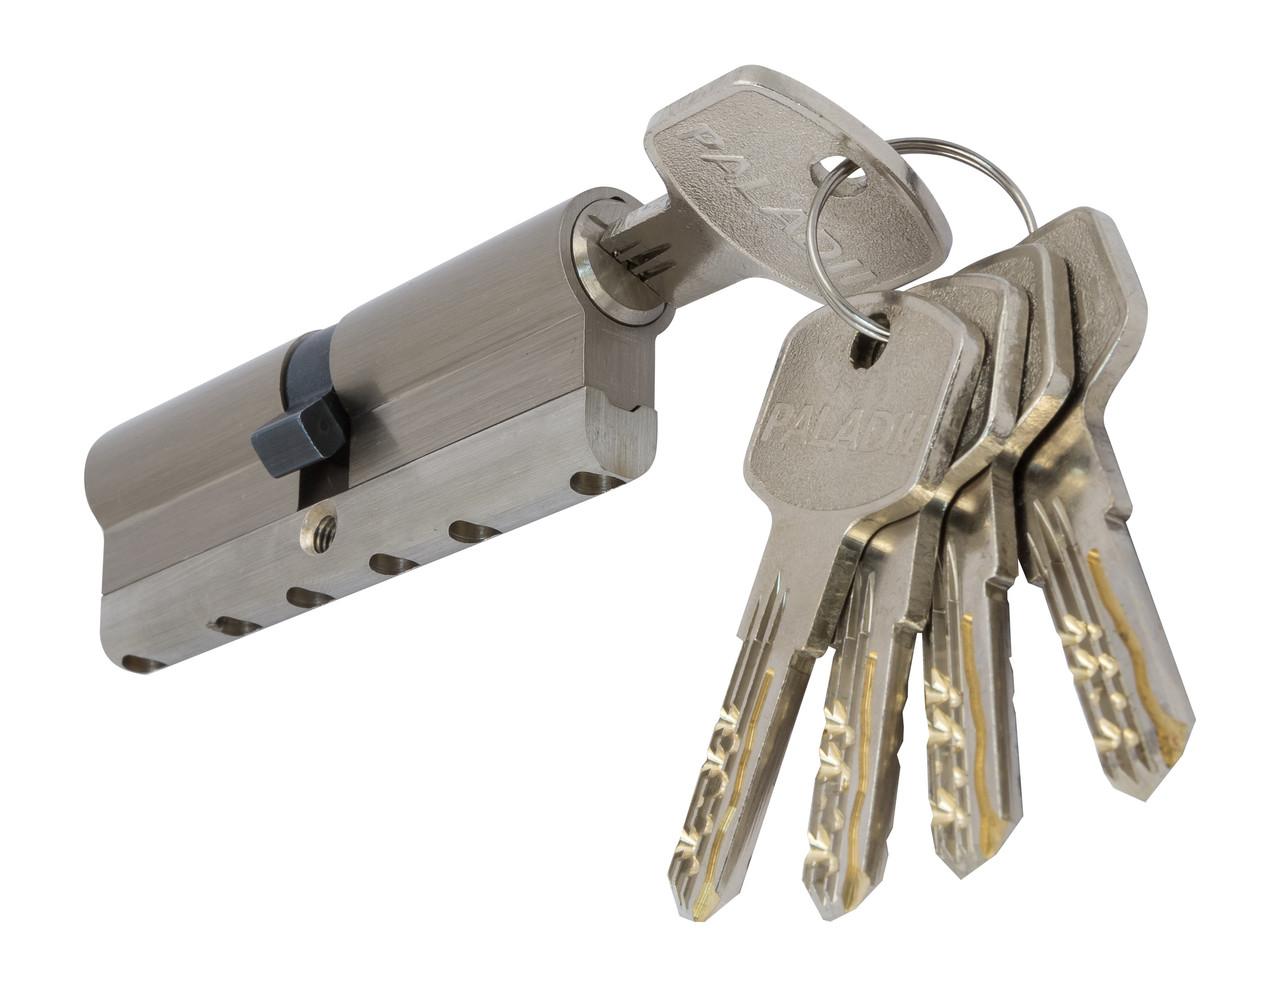 PALADII циліндровий механізм латунний з вставкою 90мм (40*50)  5 гібридних ключа сатен